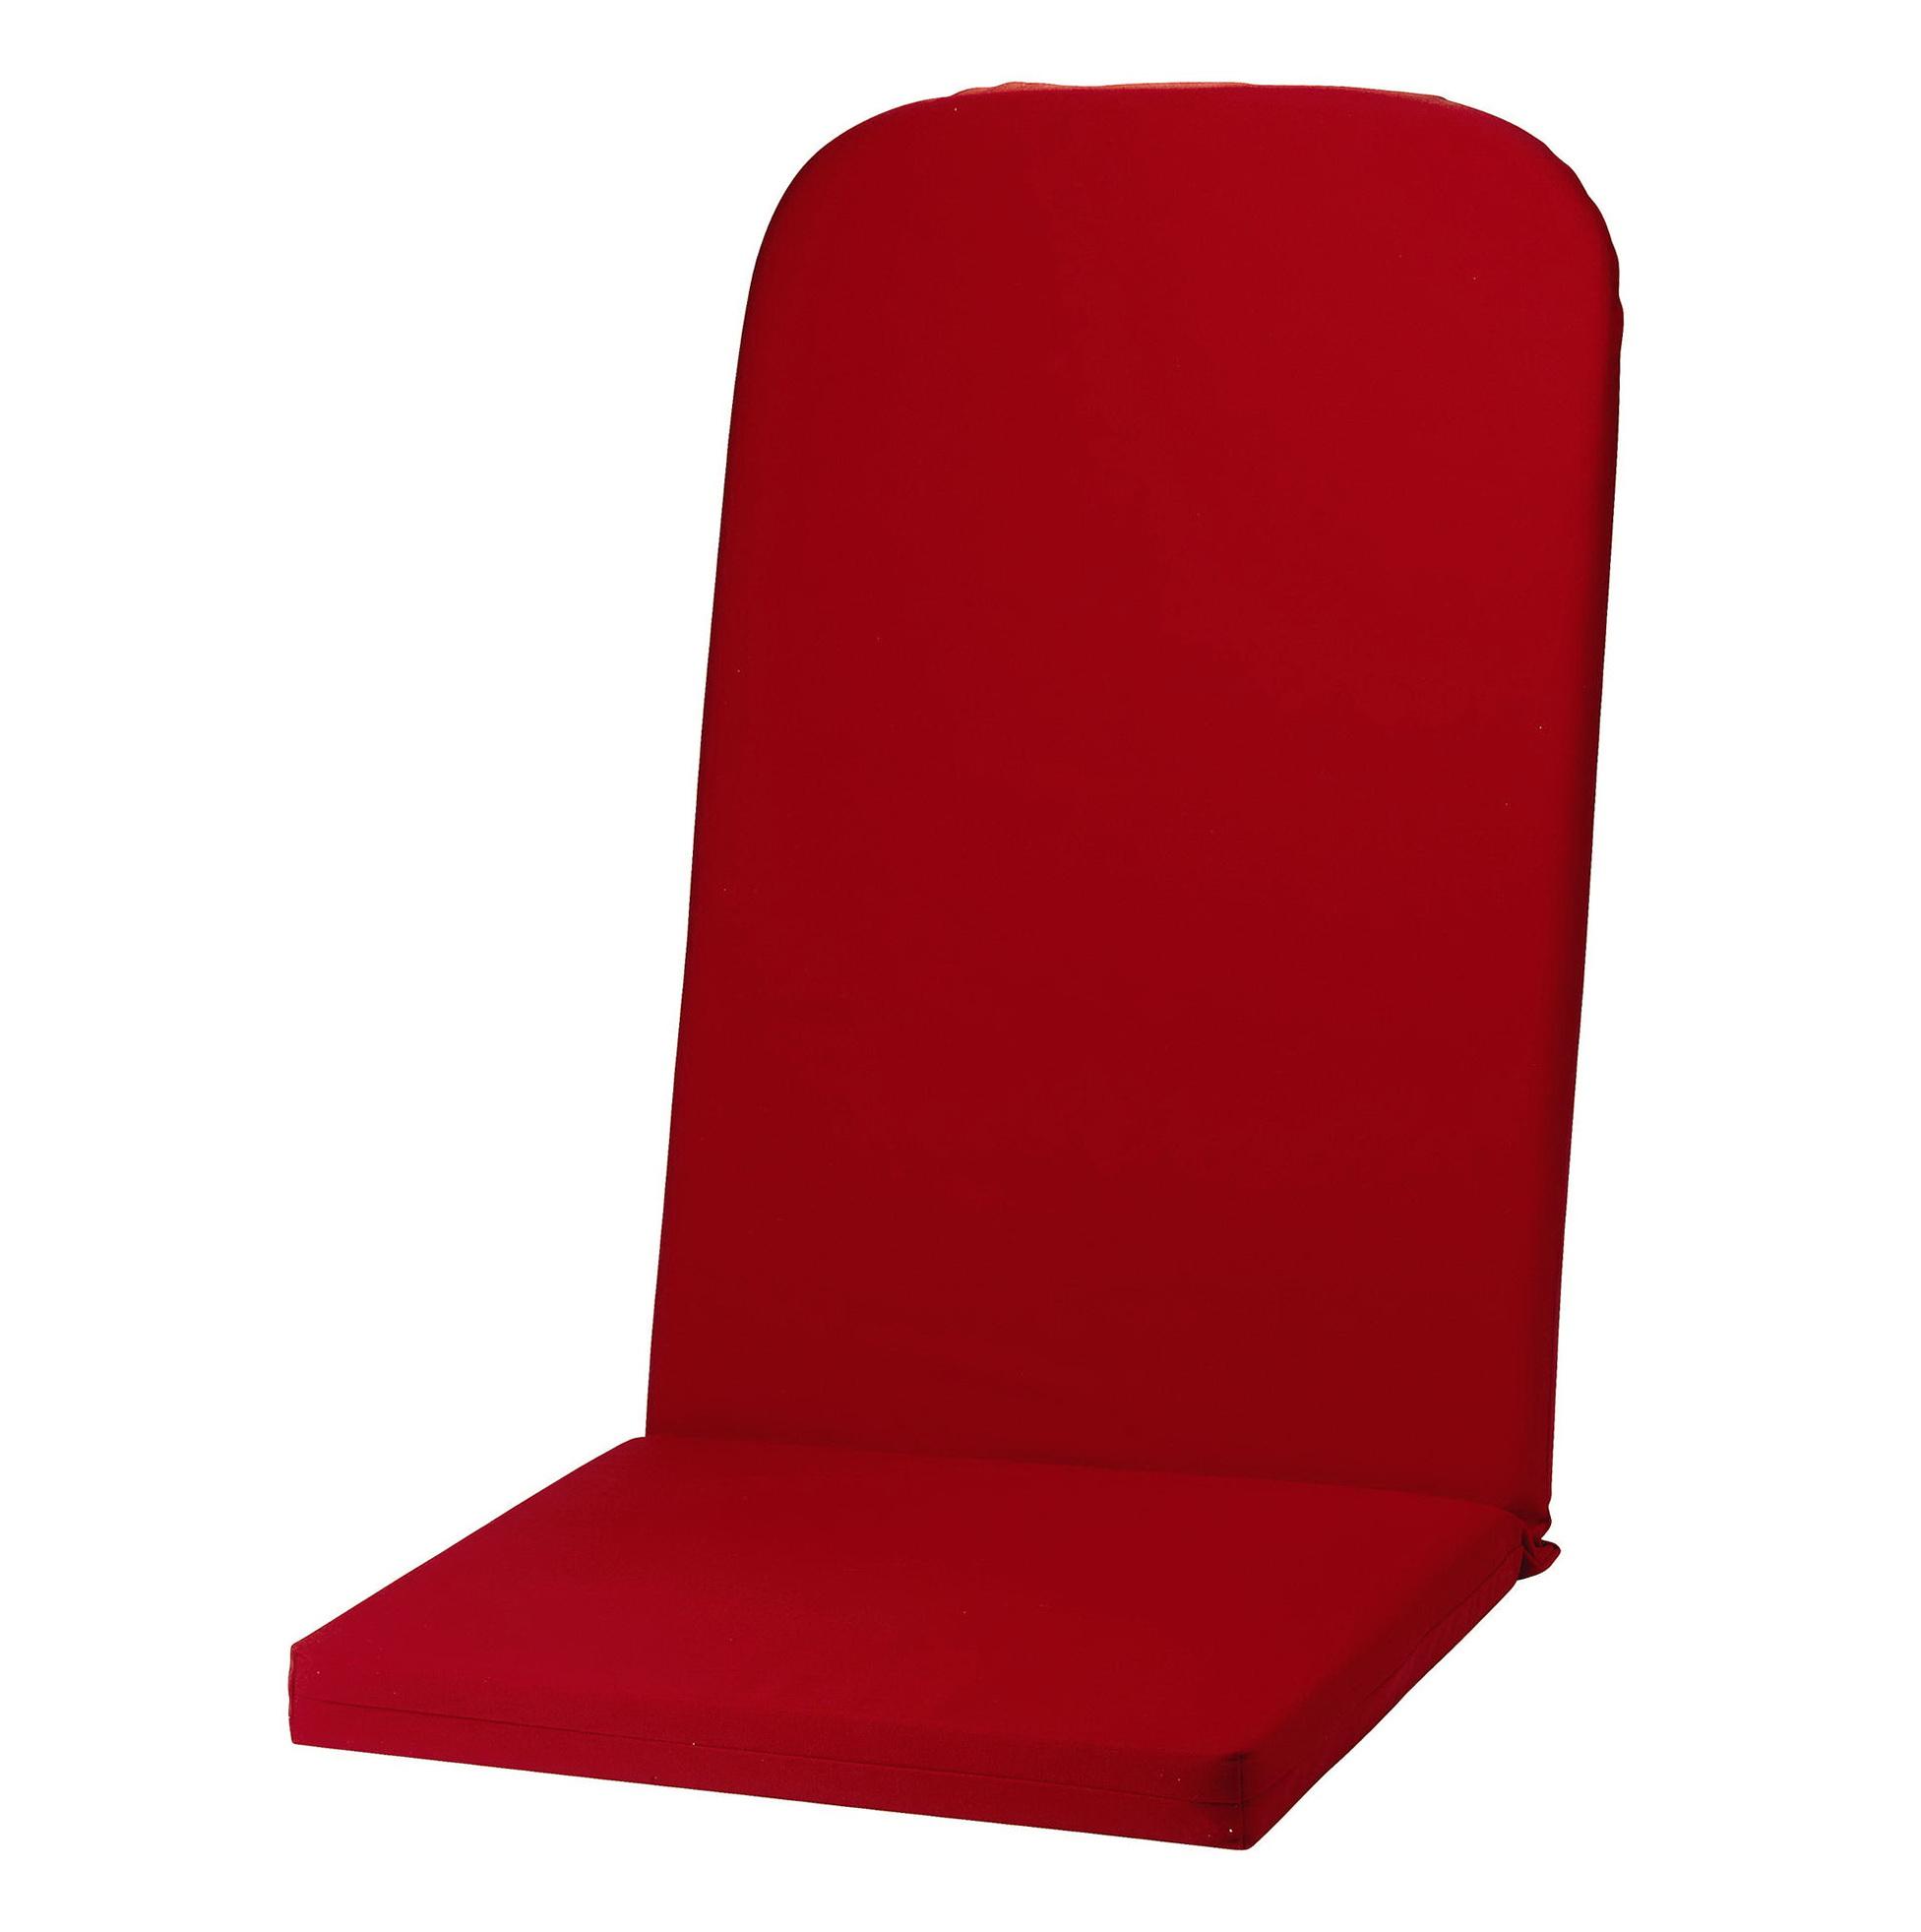 Adirondack Chair Cushions Clearance